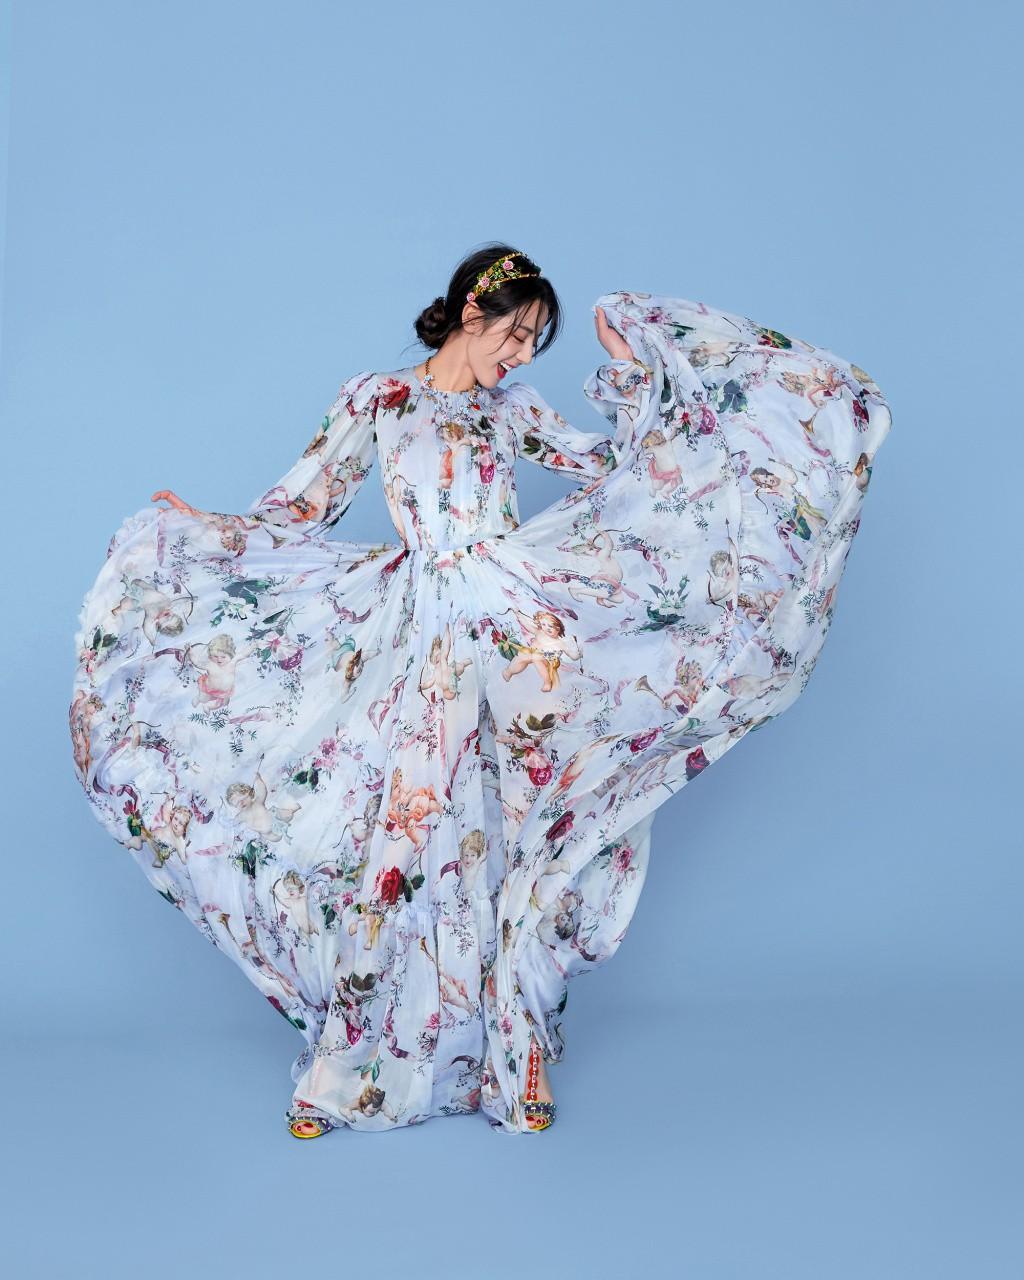 Địch Lệ Nhiệt Ba khiến fan ngất ngây với hình ảnh xinh như công chúa